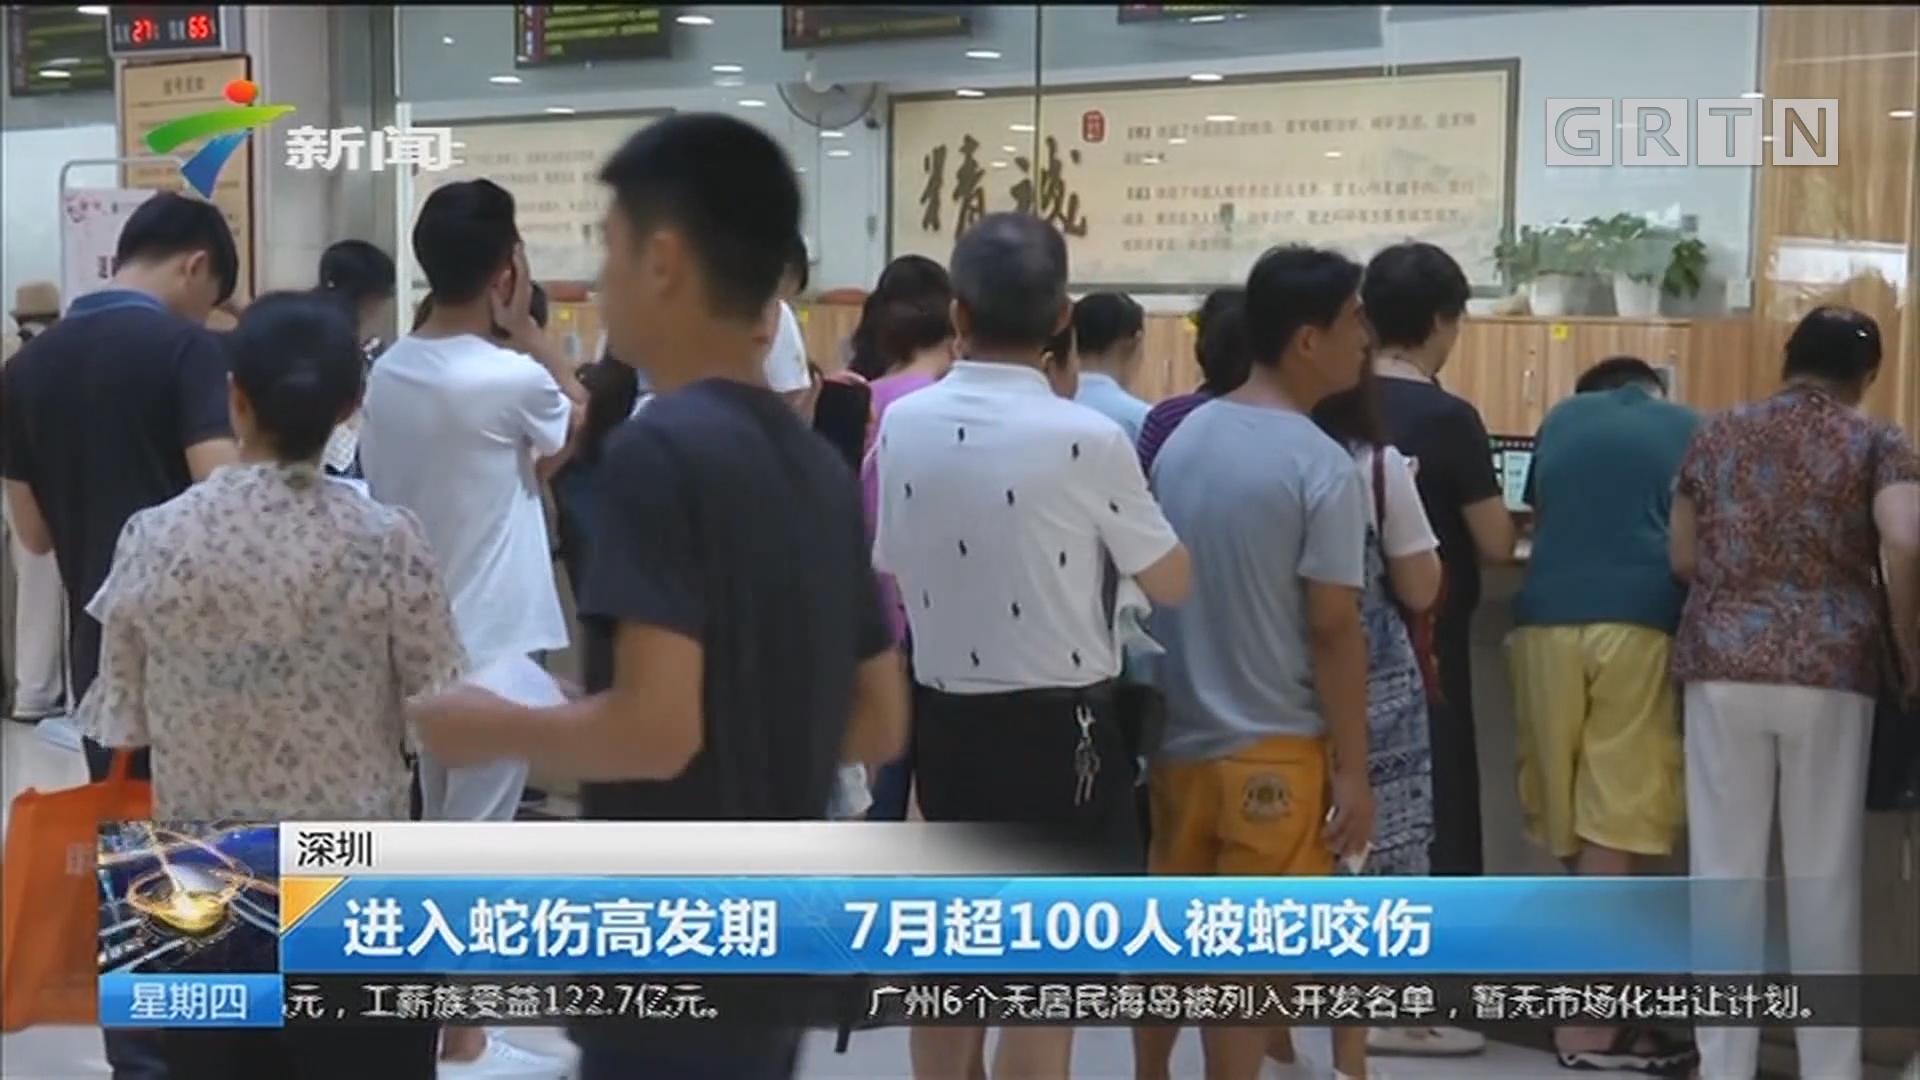 深圳:进入蛇伤高发期 7月超100人被蛇咬伤